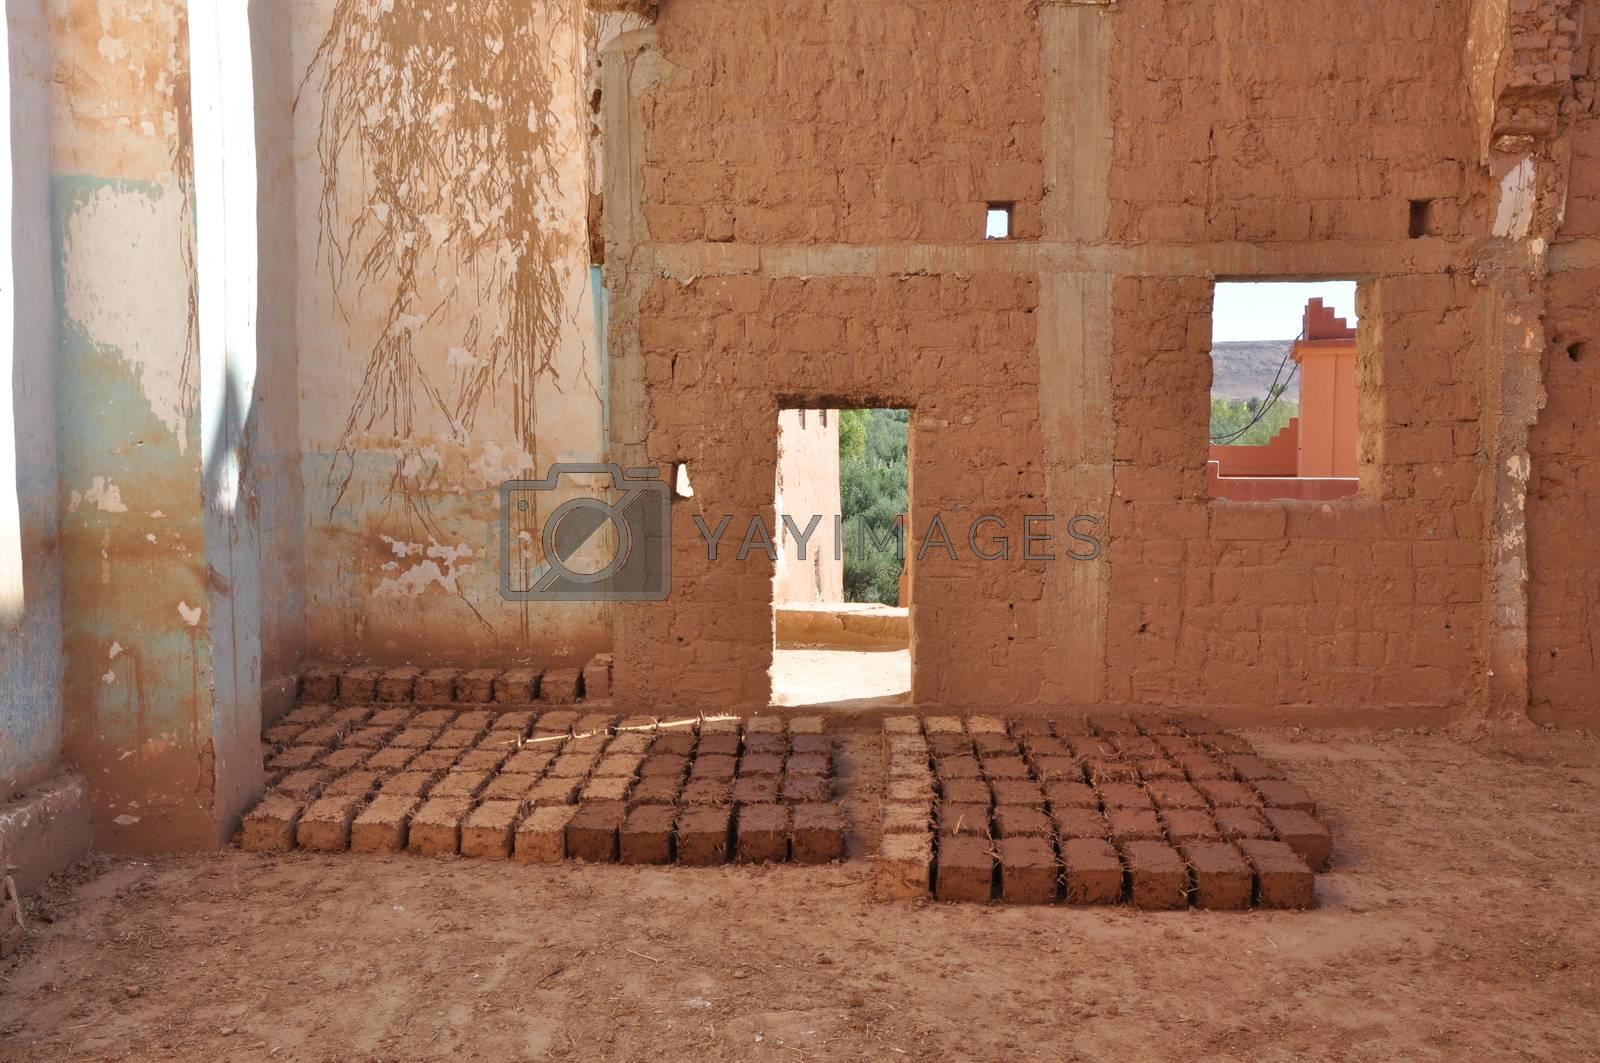 Mud bricks ready to use